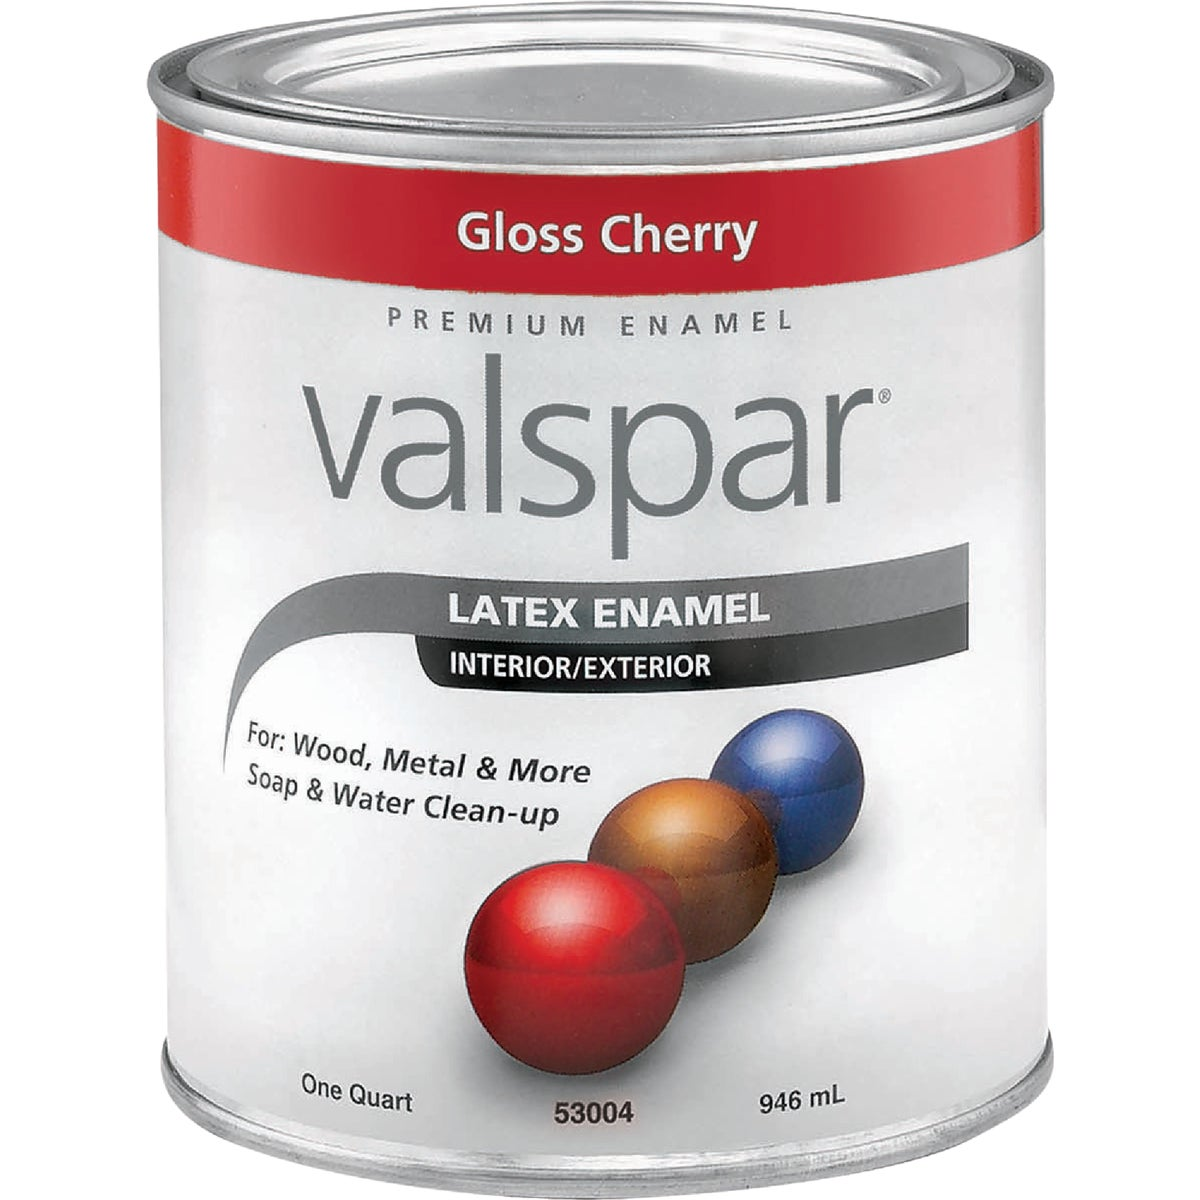 LTX GLOSS CHERRY ENAMEL - 410.0065014.005 by Valspar Corp